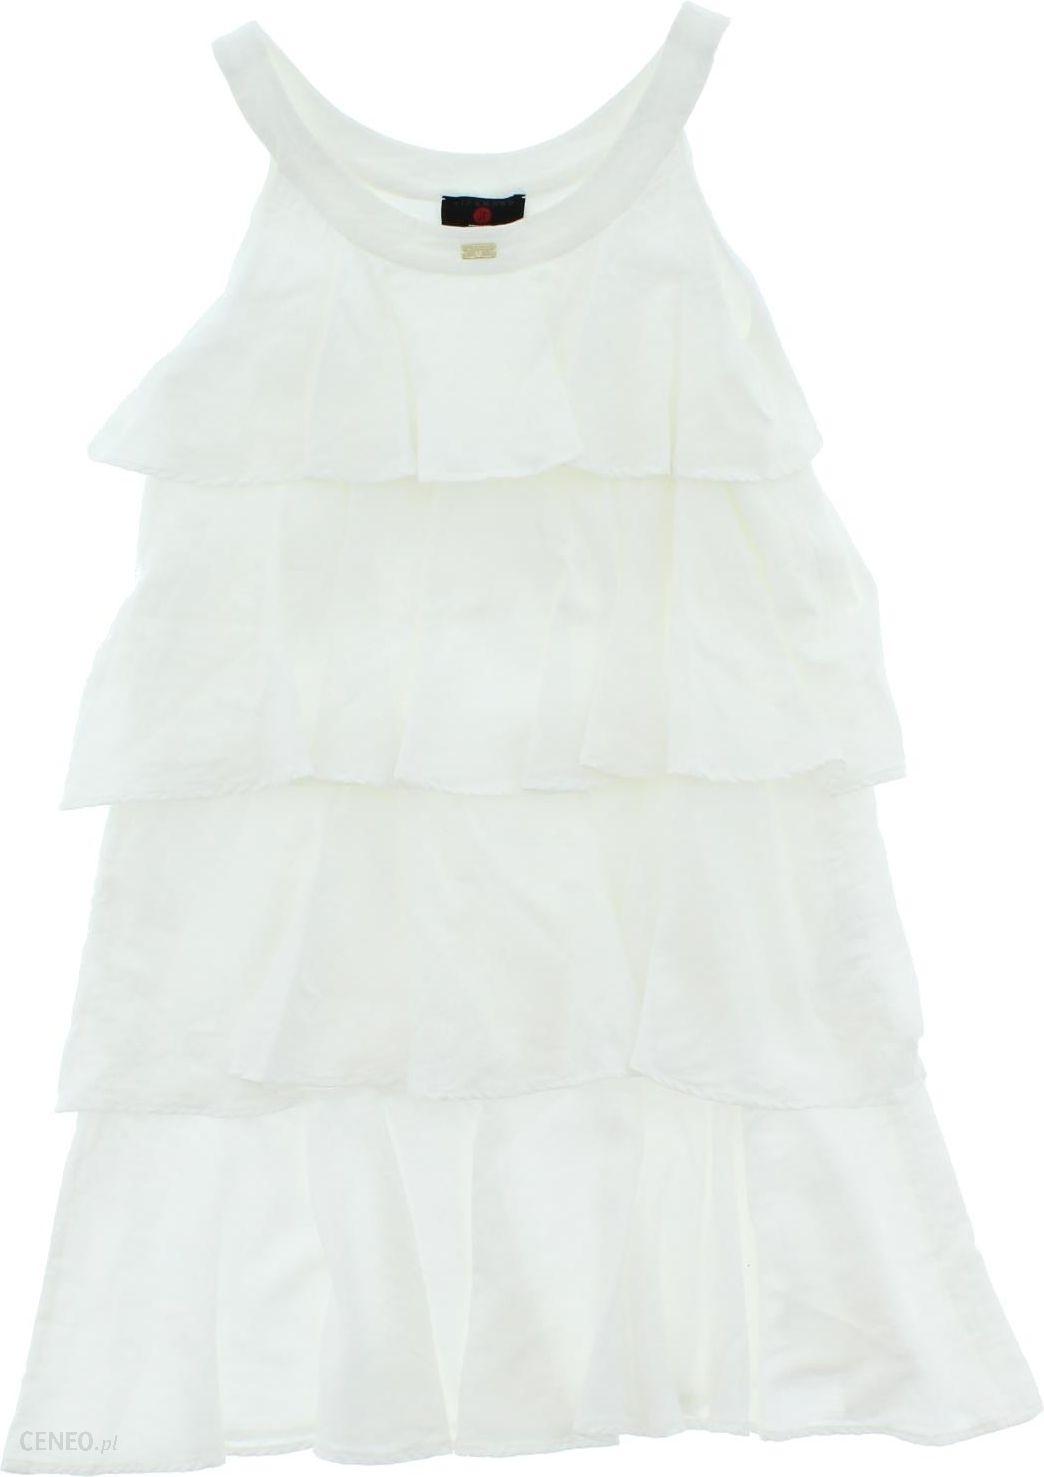 a89781eaff John Richmond Sukienka dziecięca Biały 4 lata - Ceny i opinie - Ceneo.pl